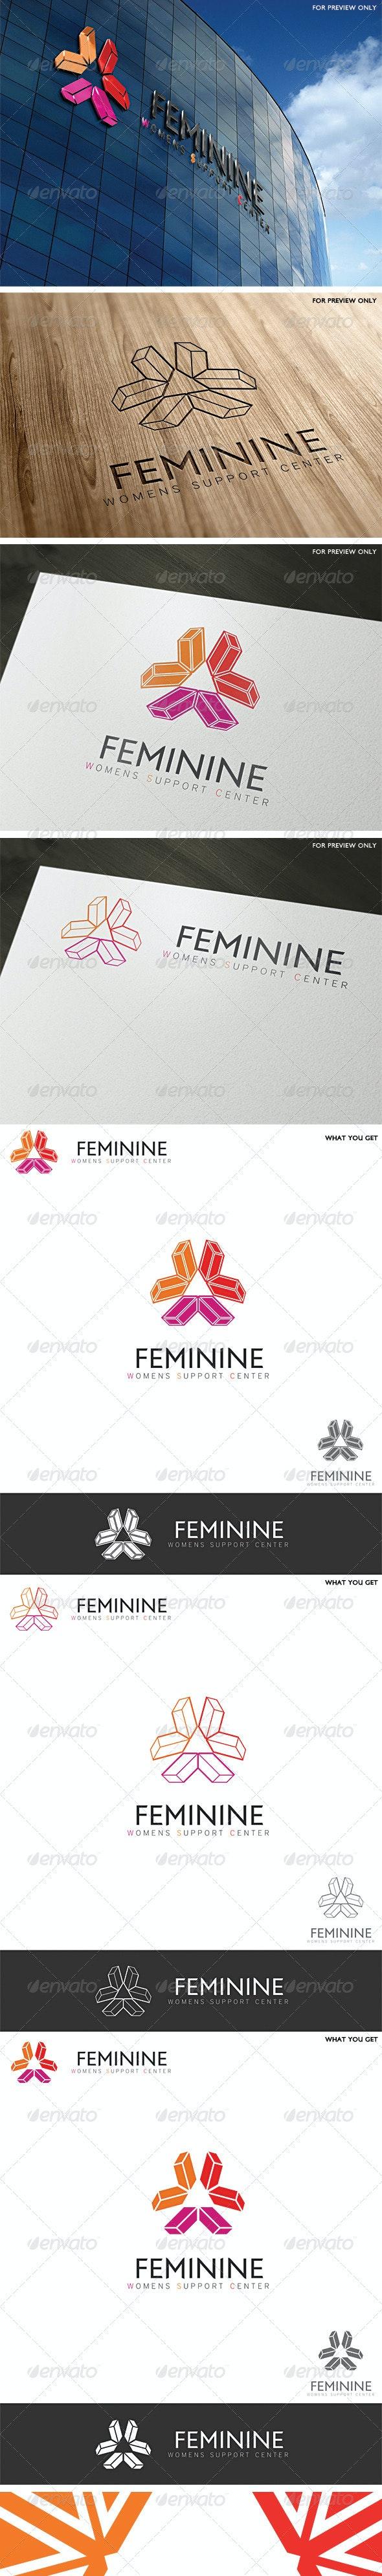 Feminine Center Logo Template - Vector Abstract